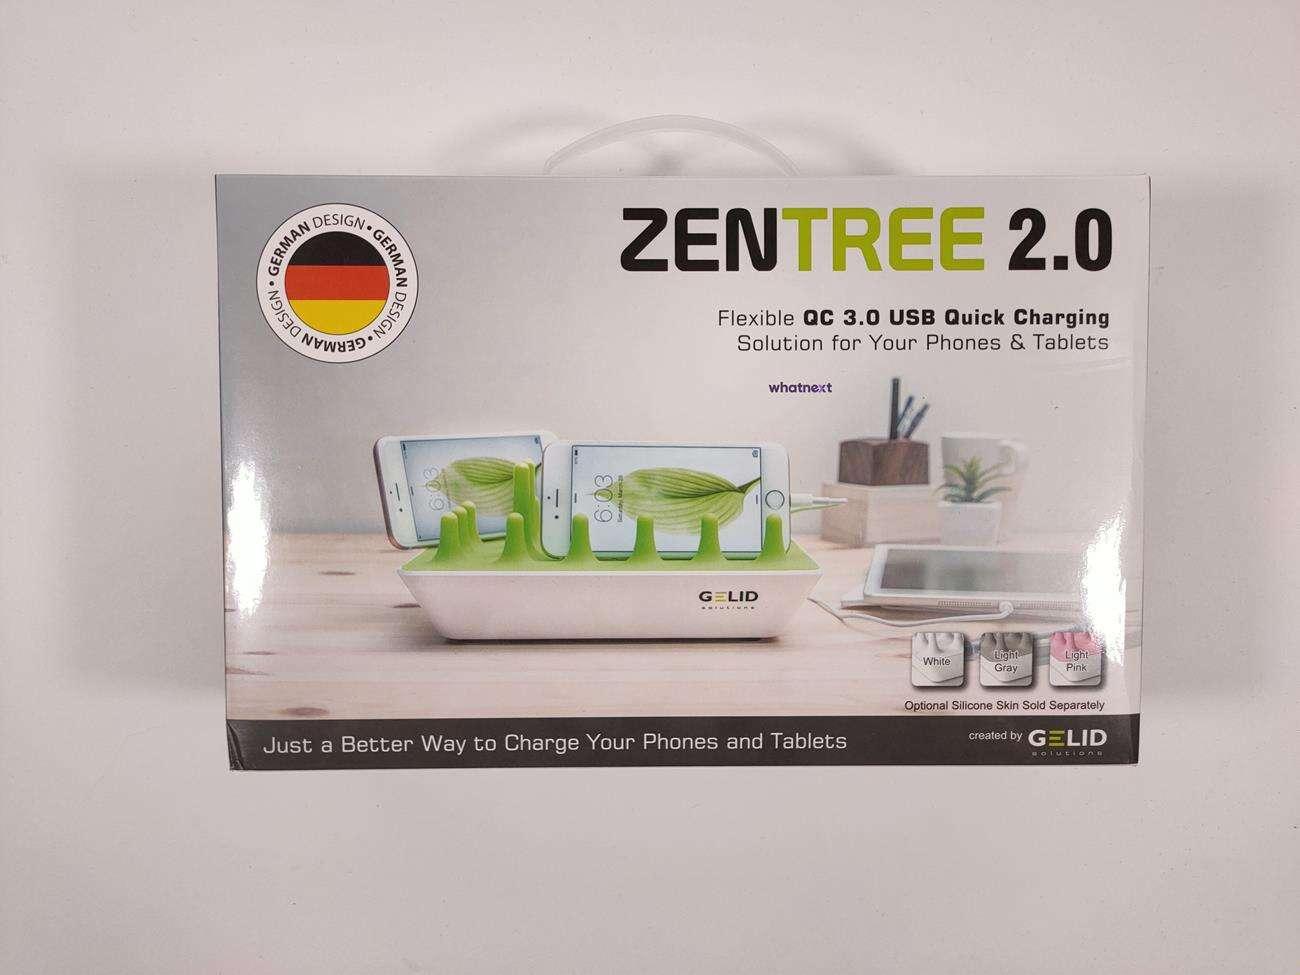 test Gelid Zentree 2.0, recenzja Gelid Zentree 2.0, review Gelid Zentree 2.0, opinia Gelid Zentree 2.0